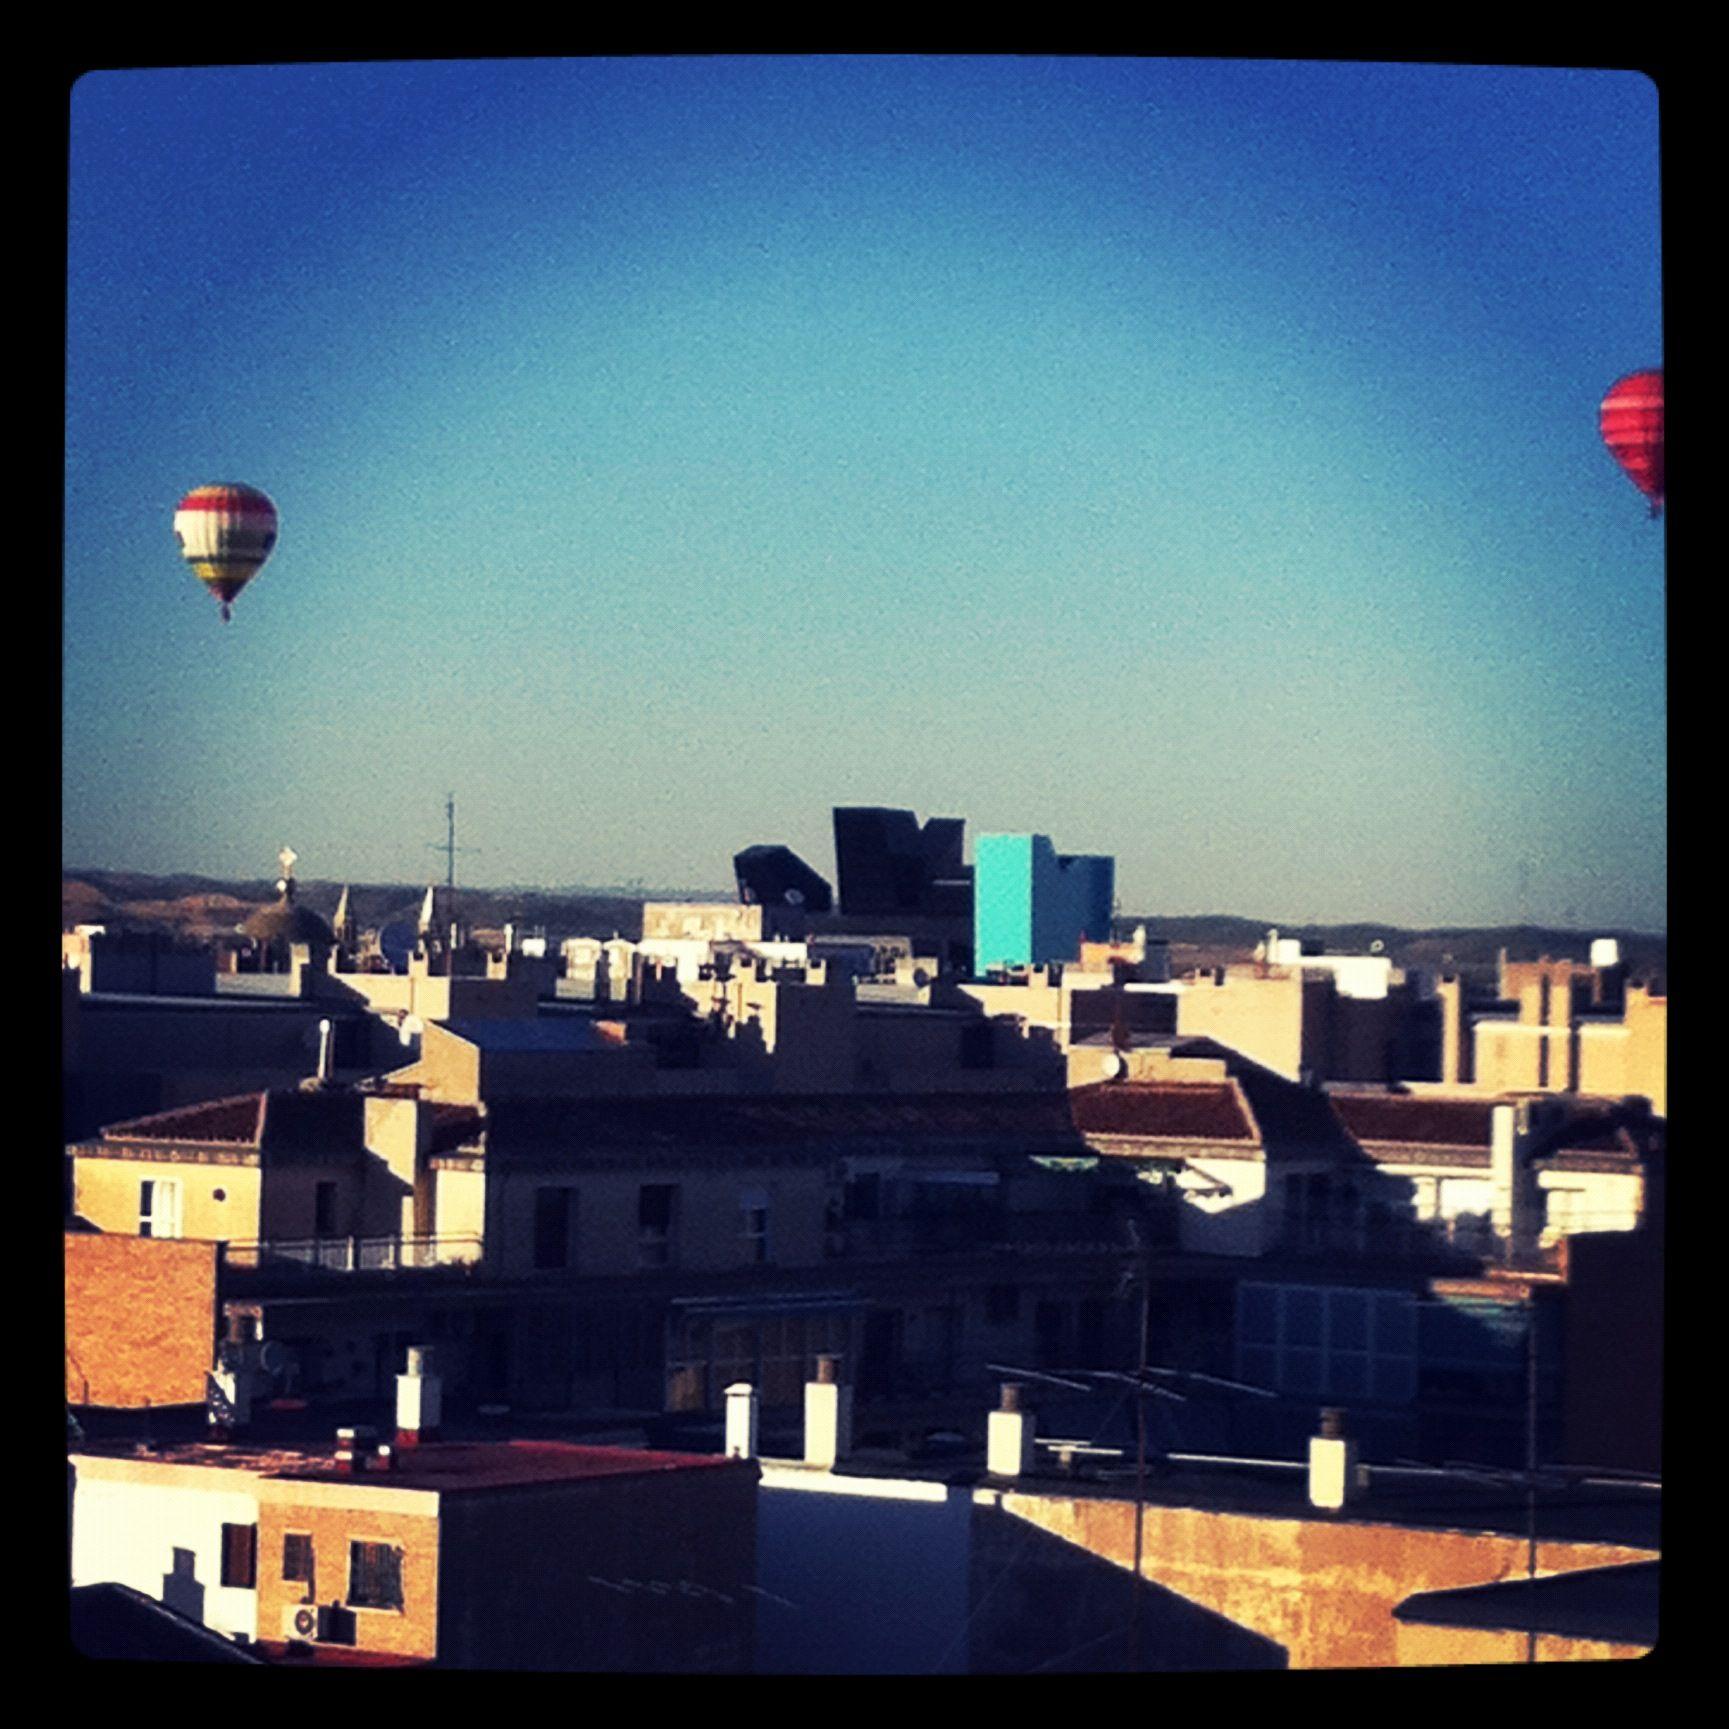 Experiencias en Zaragoza 2.0